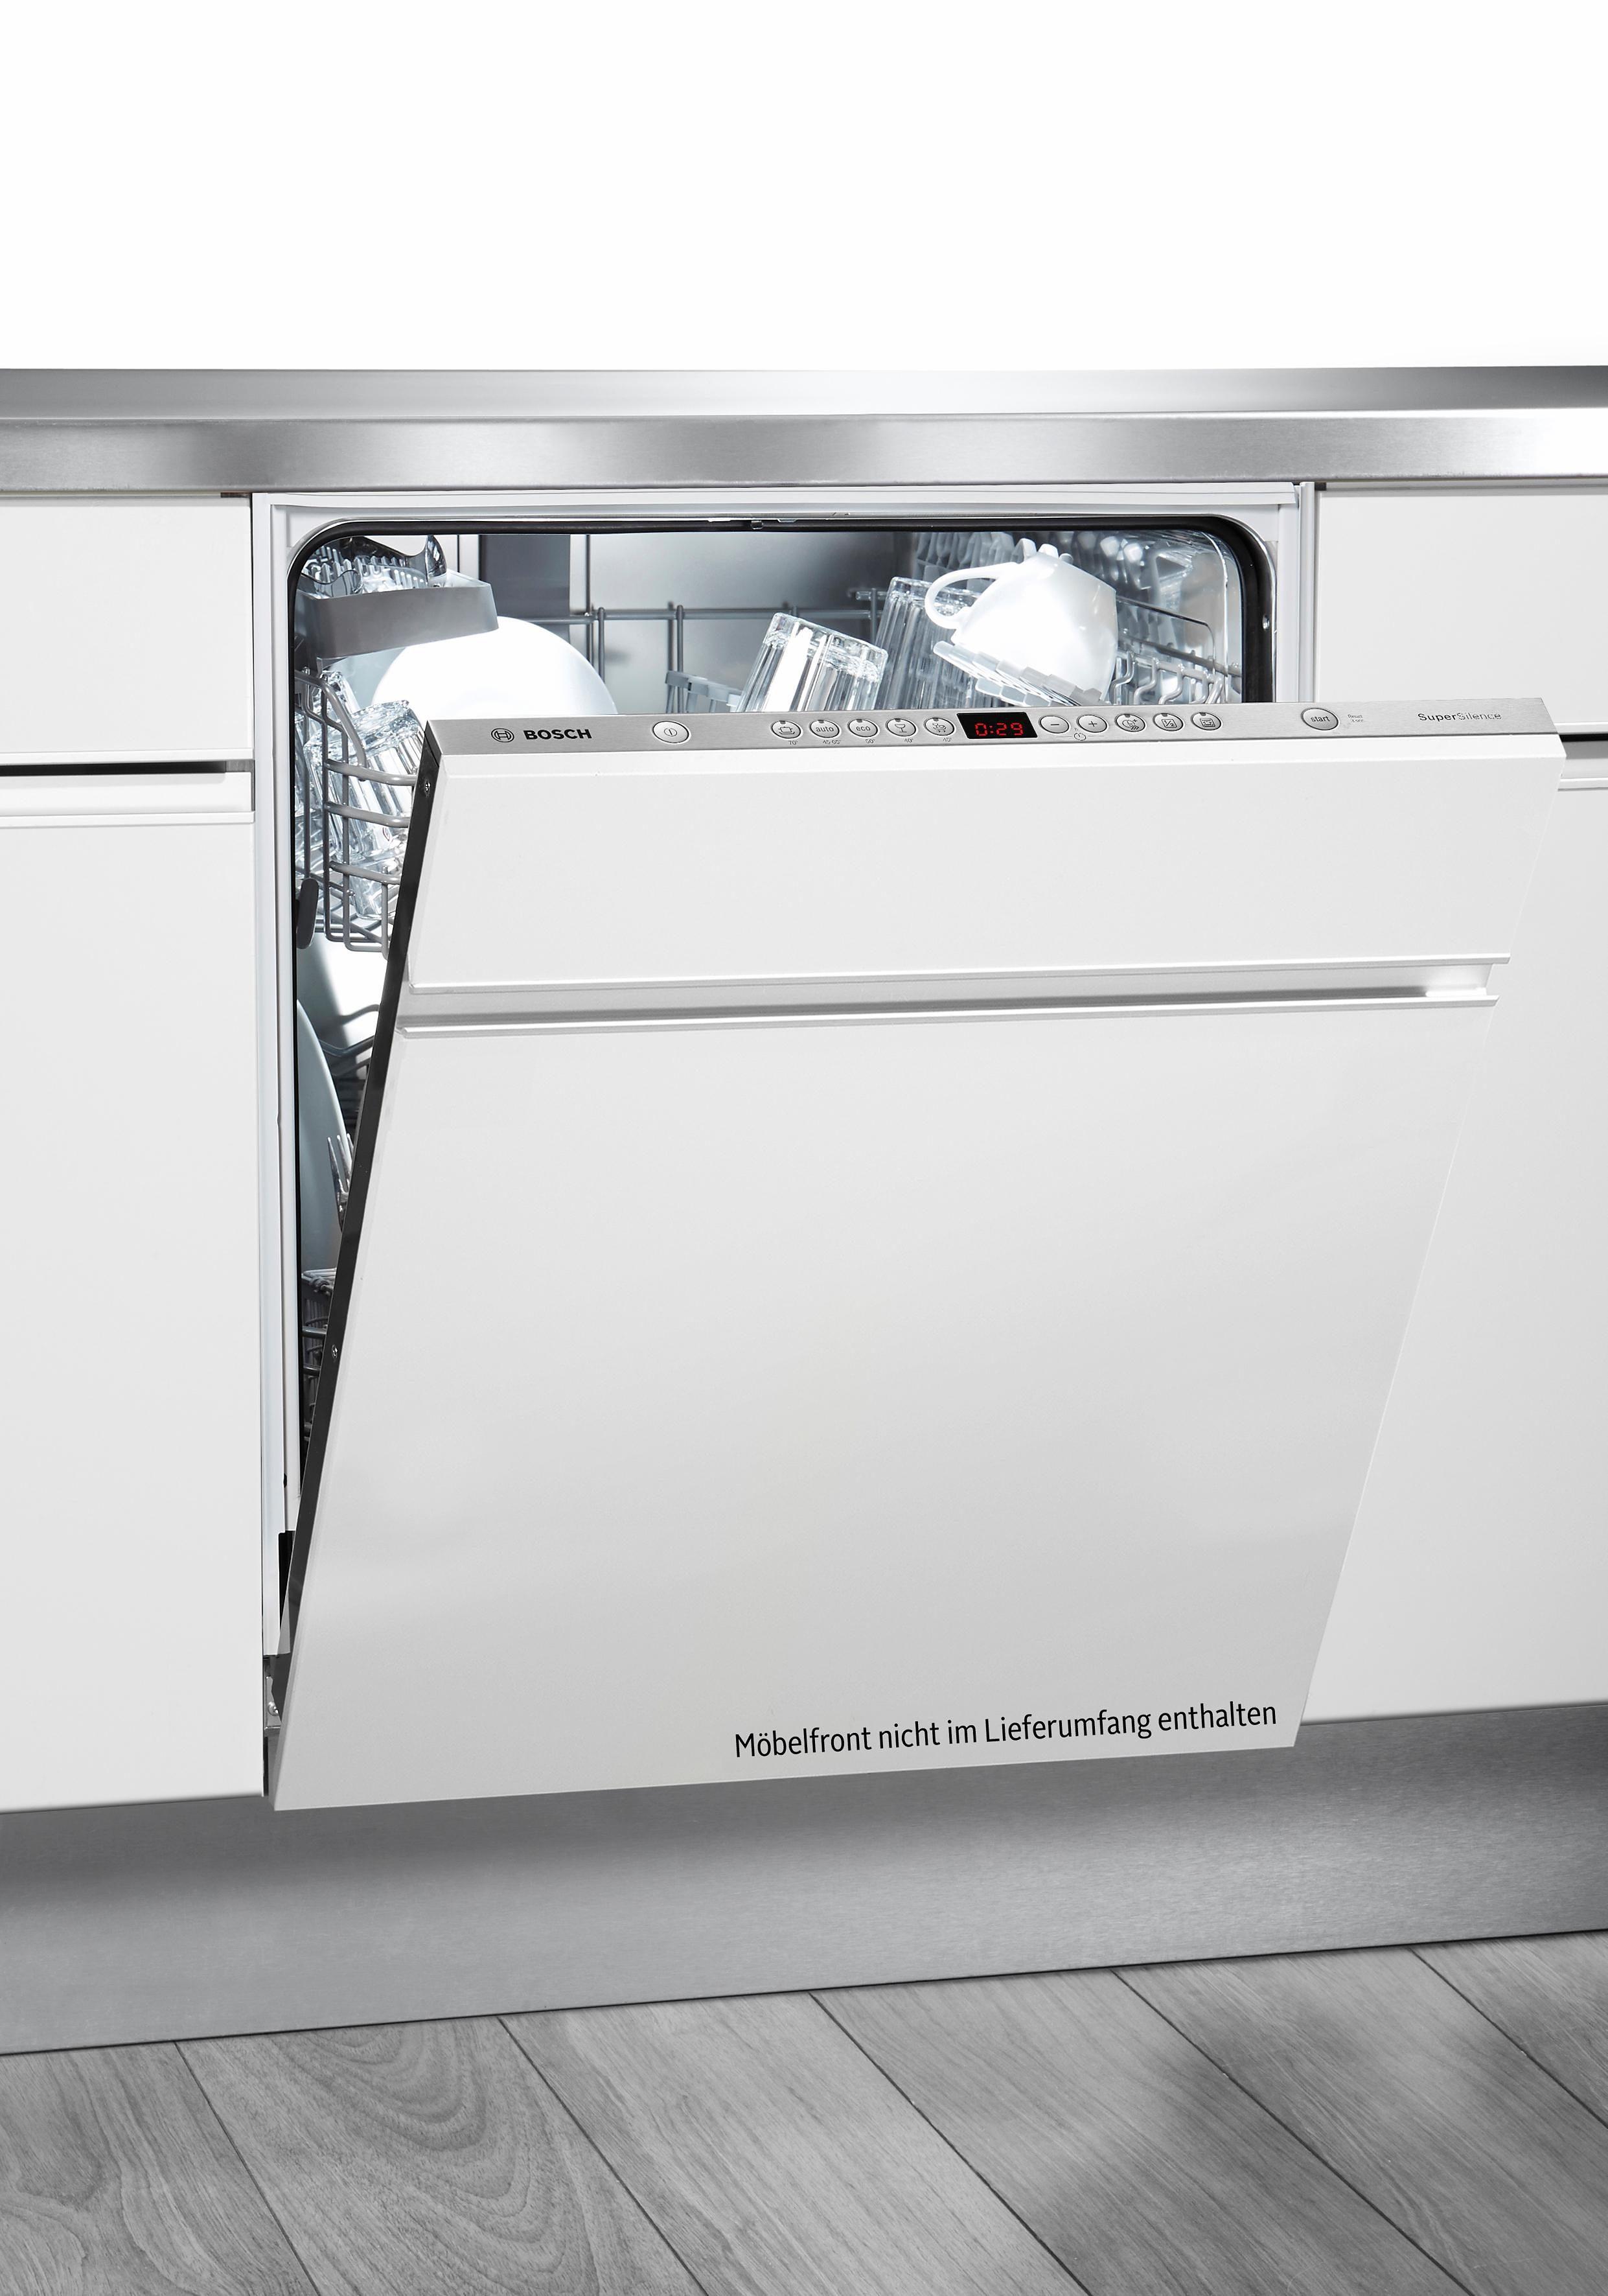 Bosch vollintegrierbarer Einbaugeschirrspüler SMV54M50EU, Energieklasse A++